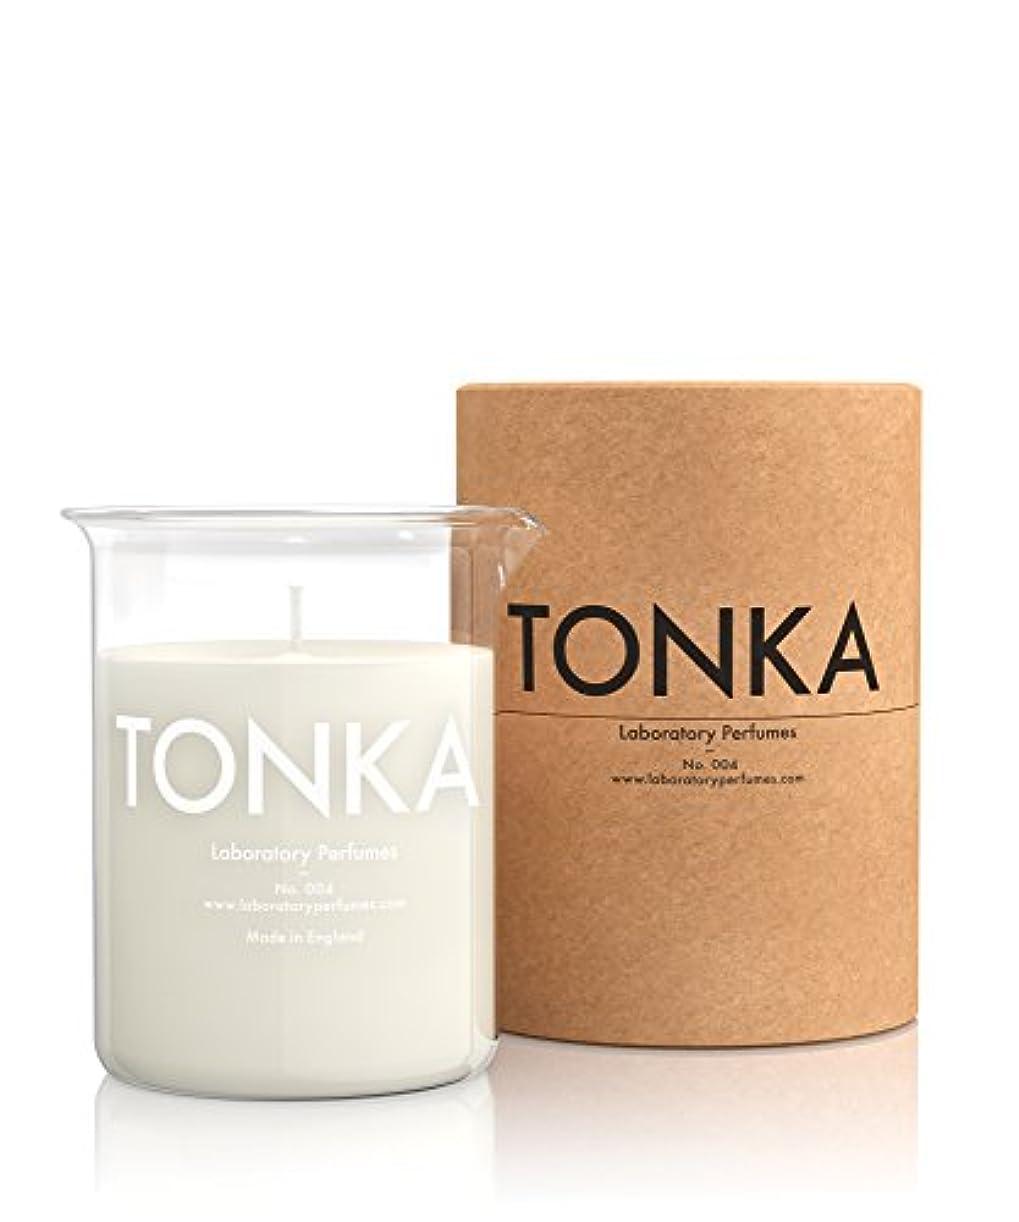 商人必要性独立Labortory Perfumes キャンドル トンカ Tonka (アロマティックオリエンタル Aromatic Oriental) Candle ラボラトリー パフューム